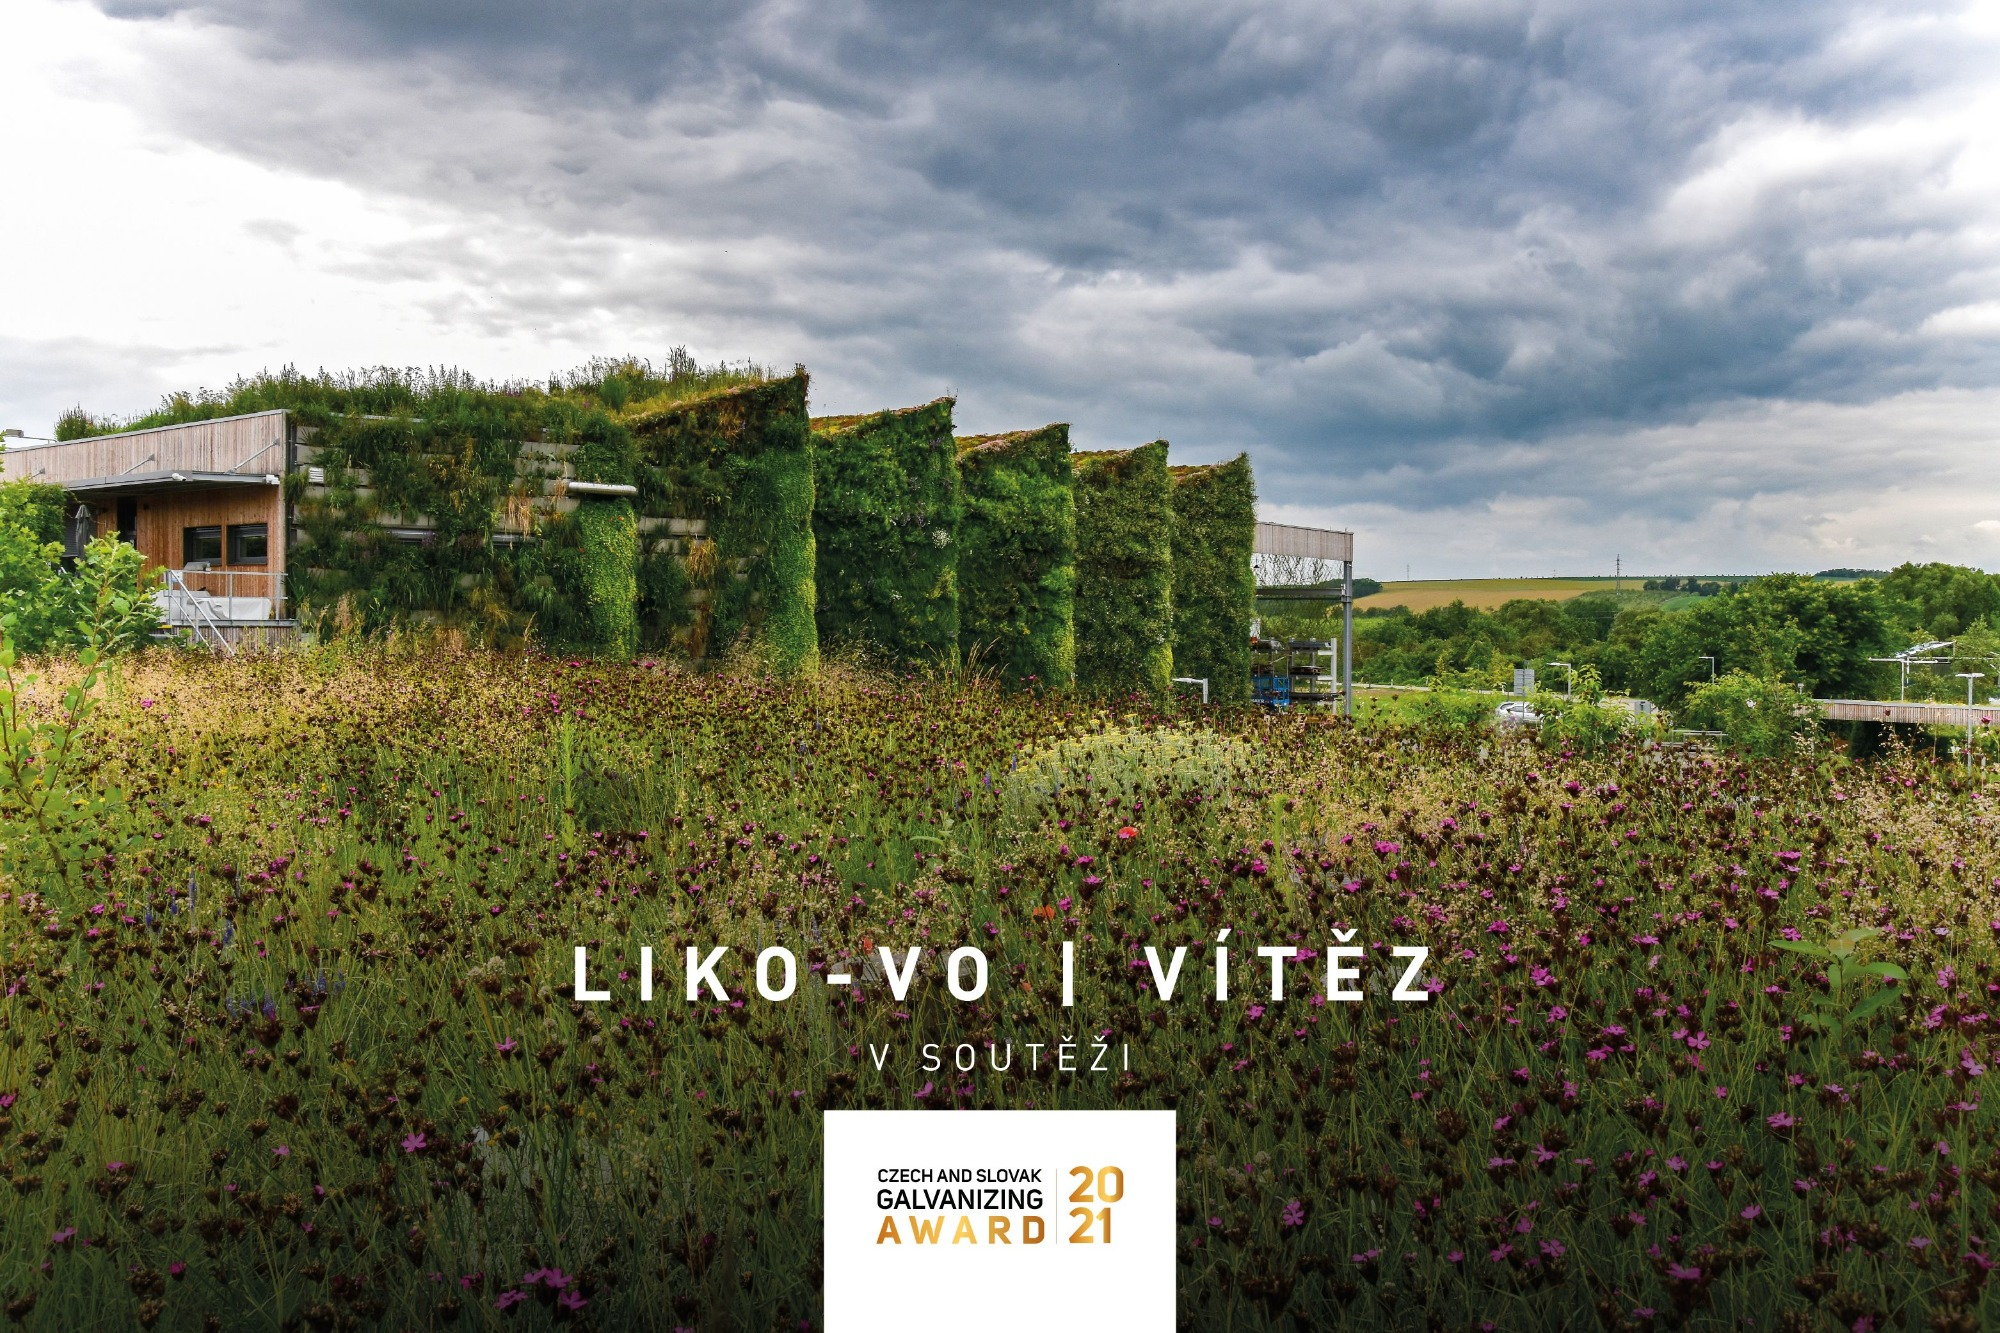 Živá hala LIKO-Vo víťazom Czech and Slovak GALVANIZING Award 2021